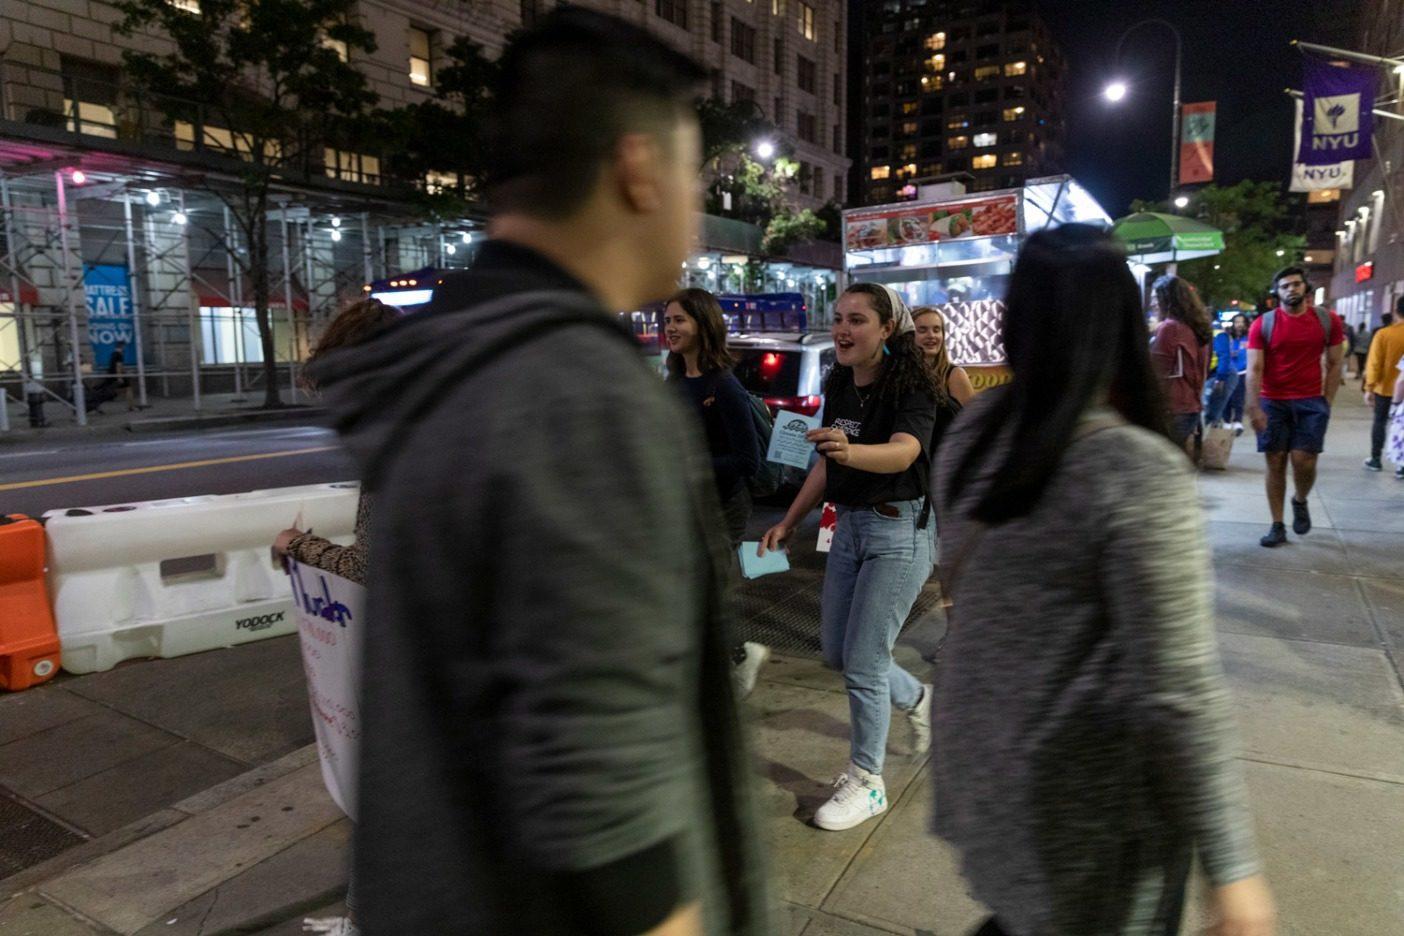 ストライキ前夜、マンハッタンの路上で気候ストライキのチラシを配る、主催者のオリビア・ウォルゲムスとナタリー・スウィート。オリビアは去る3月の金曜日、学校ストライキを開始した。それ以来、グローバル気候ストライキに参加するよう同校の何百人もの学生を説得してきた。Photo: Keri Oberly